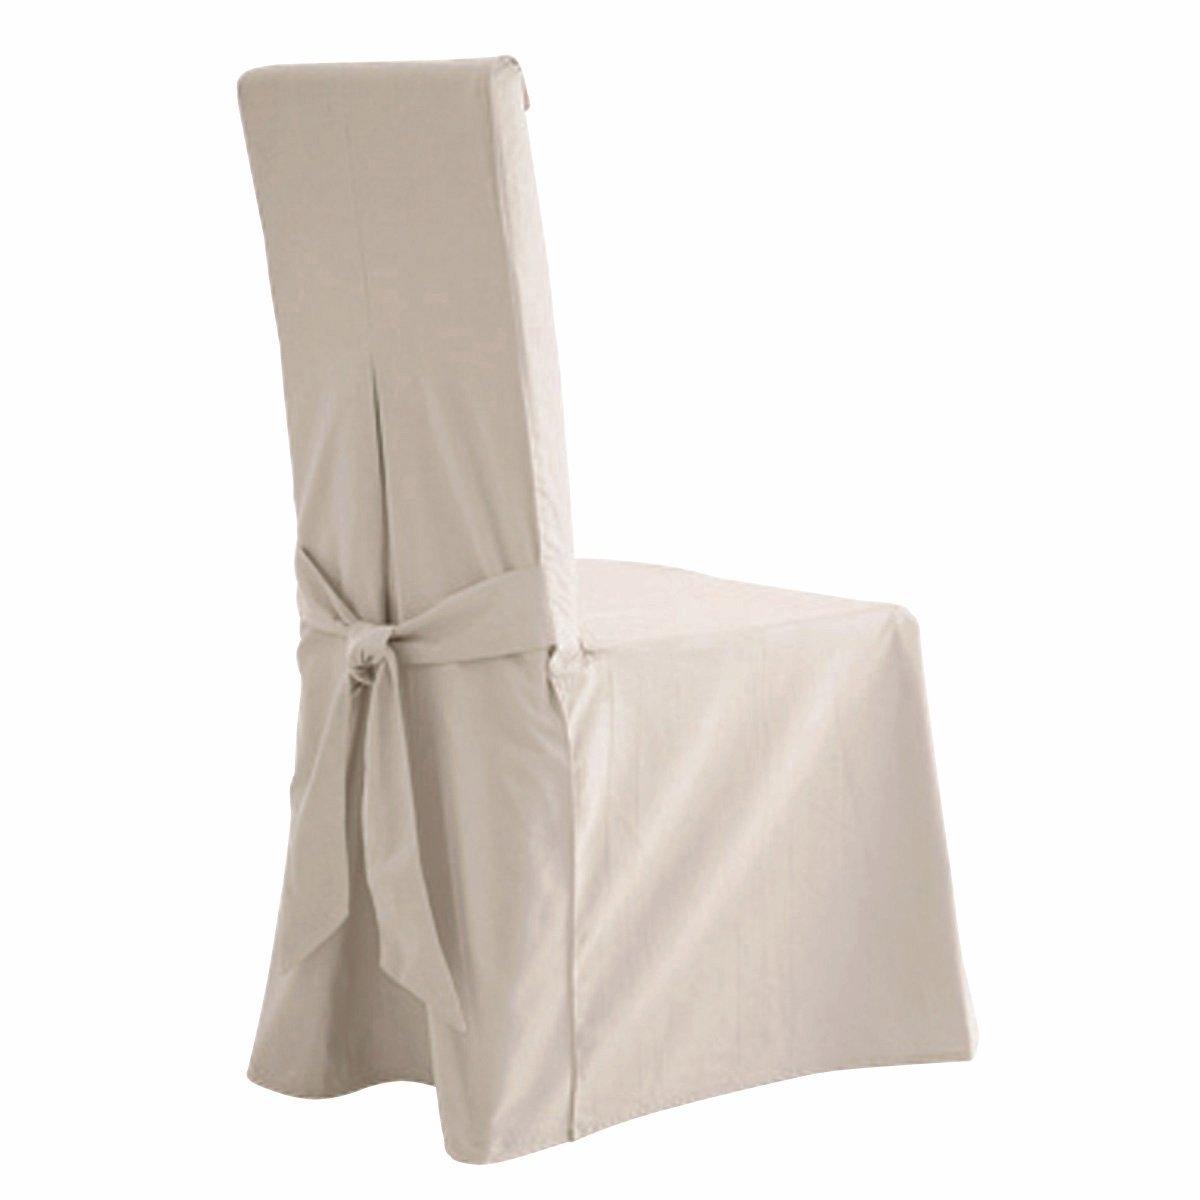 2 чехла для стулаСтильная модель выполнена в ультрасовременной цветовой гамме. Характеристика чехла для стула:- Красивая плотная ткань из 100% хлопка (220 г/м?), прочная и тяжелая. Стильная цветовая гамма.- Изысканная отделка: 2 встречные складки спереди, встречная складка и бант сзади. Качественная окраска: превосходная стойкость цвета перед воздействием солнечных лучей и стирки (40°).Размеры чехла для стула:- Спинка: общая высота 55 см, толщина 5 см, ширина 37 см.- Сидение: ширина от 37 до 45 см x глубина 40 см.- Юбка: высота 45 см.В комплекте 2 чехла одного цвета.Качество VALEUR SURE. Производство осуществляется с учетом стандартов по защите окружающей среды и здоровья человека, что подтверждено сертификатом Oeko-tex®.<br><br>Цвет: антрацит,белый,медовый,облачно-серый,рубиново-красный,серо-коричневый каштан,сине-зеленый,синий индиго,сливовый,черный,экрю<br>Размер: единый размер.единый размер.единый размер.единый размер.единый размер.единый размер